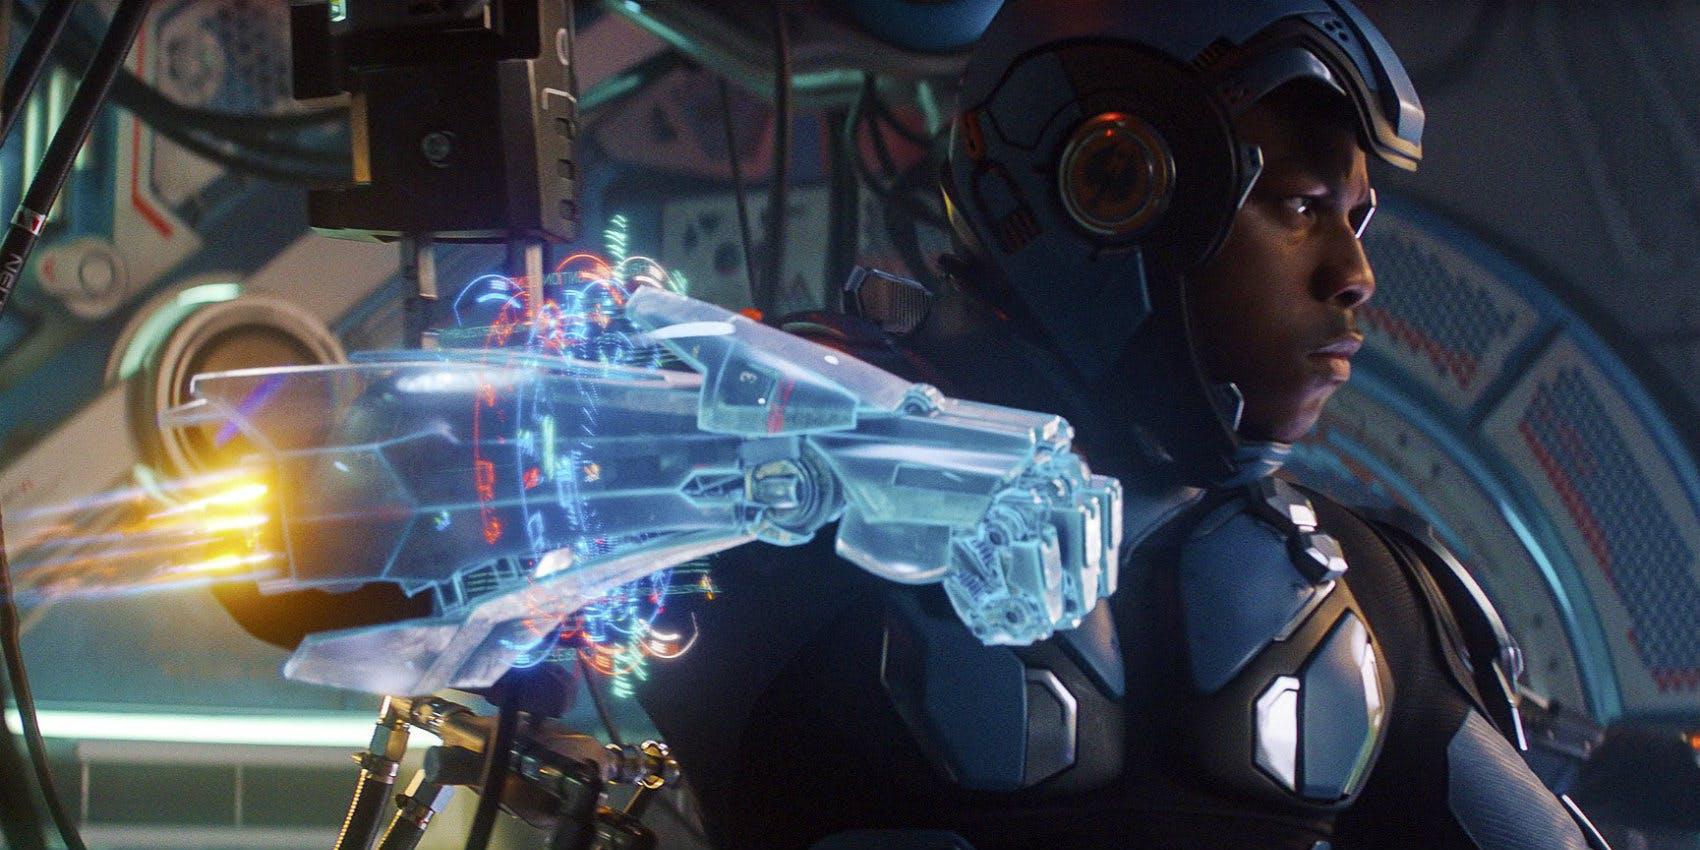 John-Boyega-in-Jaeger-armor-in-Pacific-Rim-Uprising